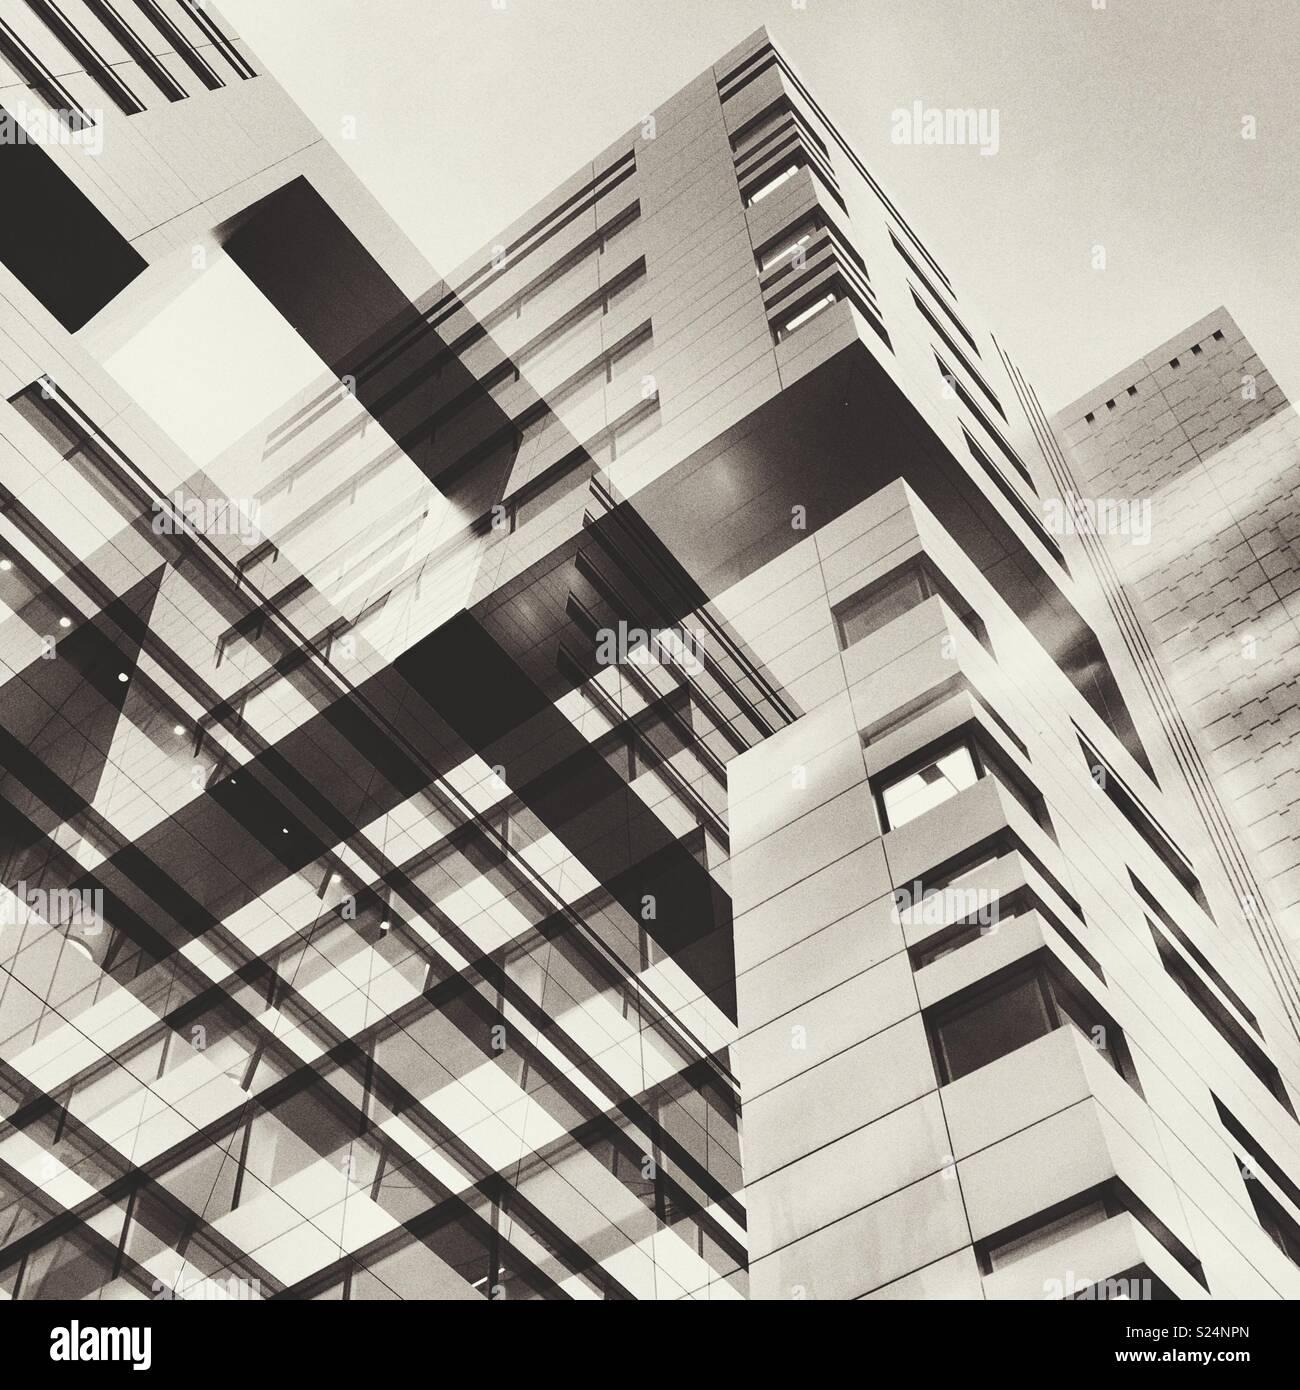 Abstract di edifici della città Immagini Stock